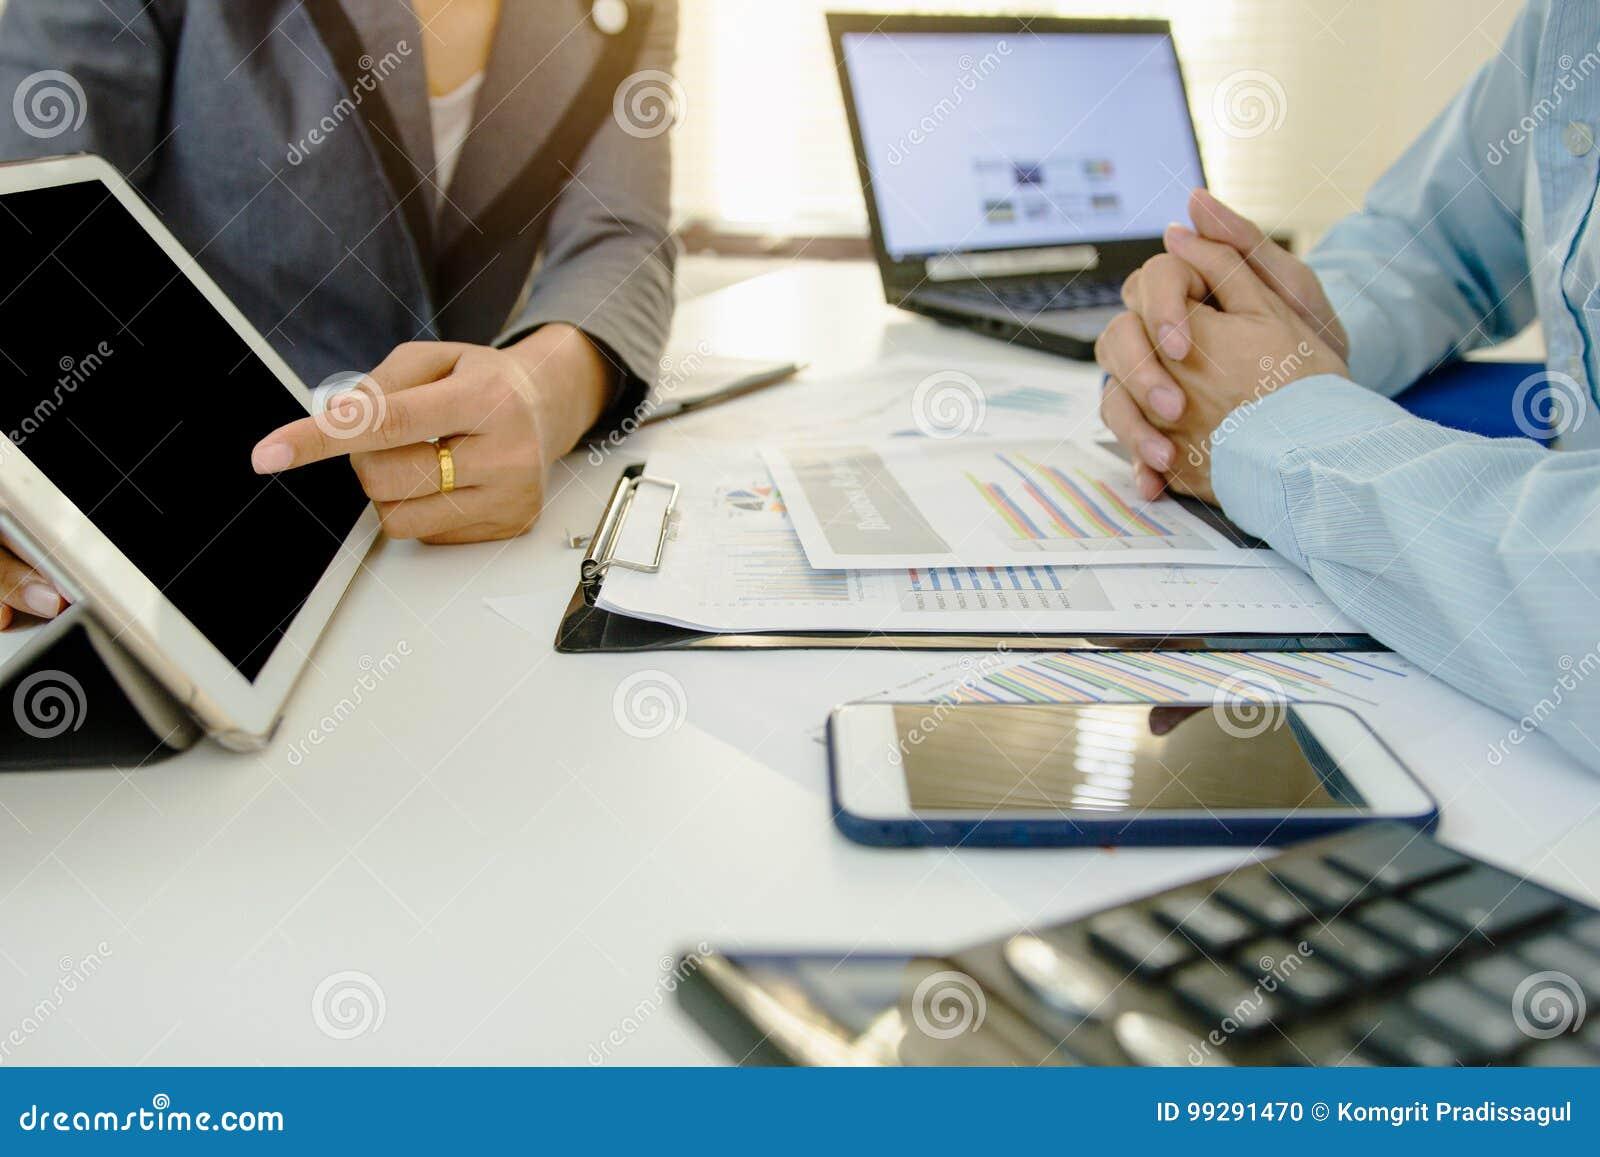 Negocio coworking equipo joven de los administradores de cuentas que trabaja con proyecto